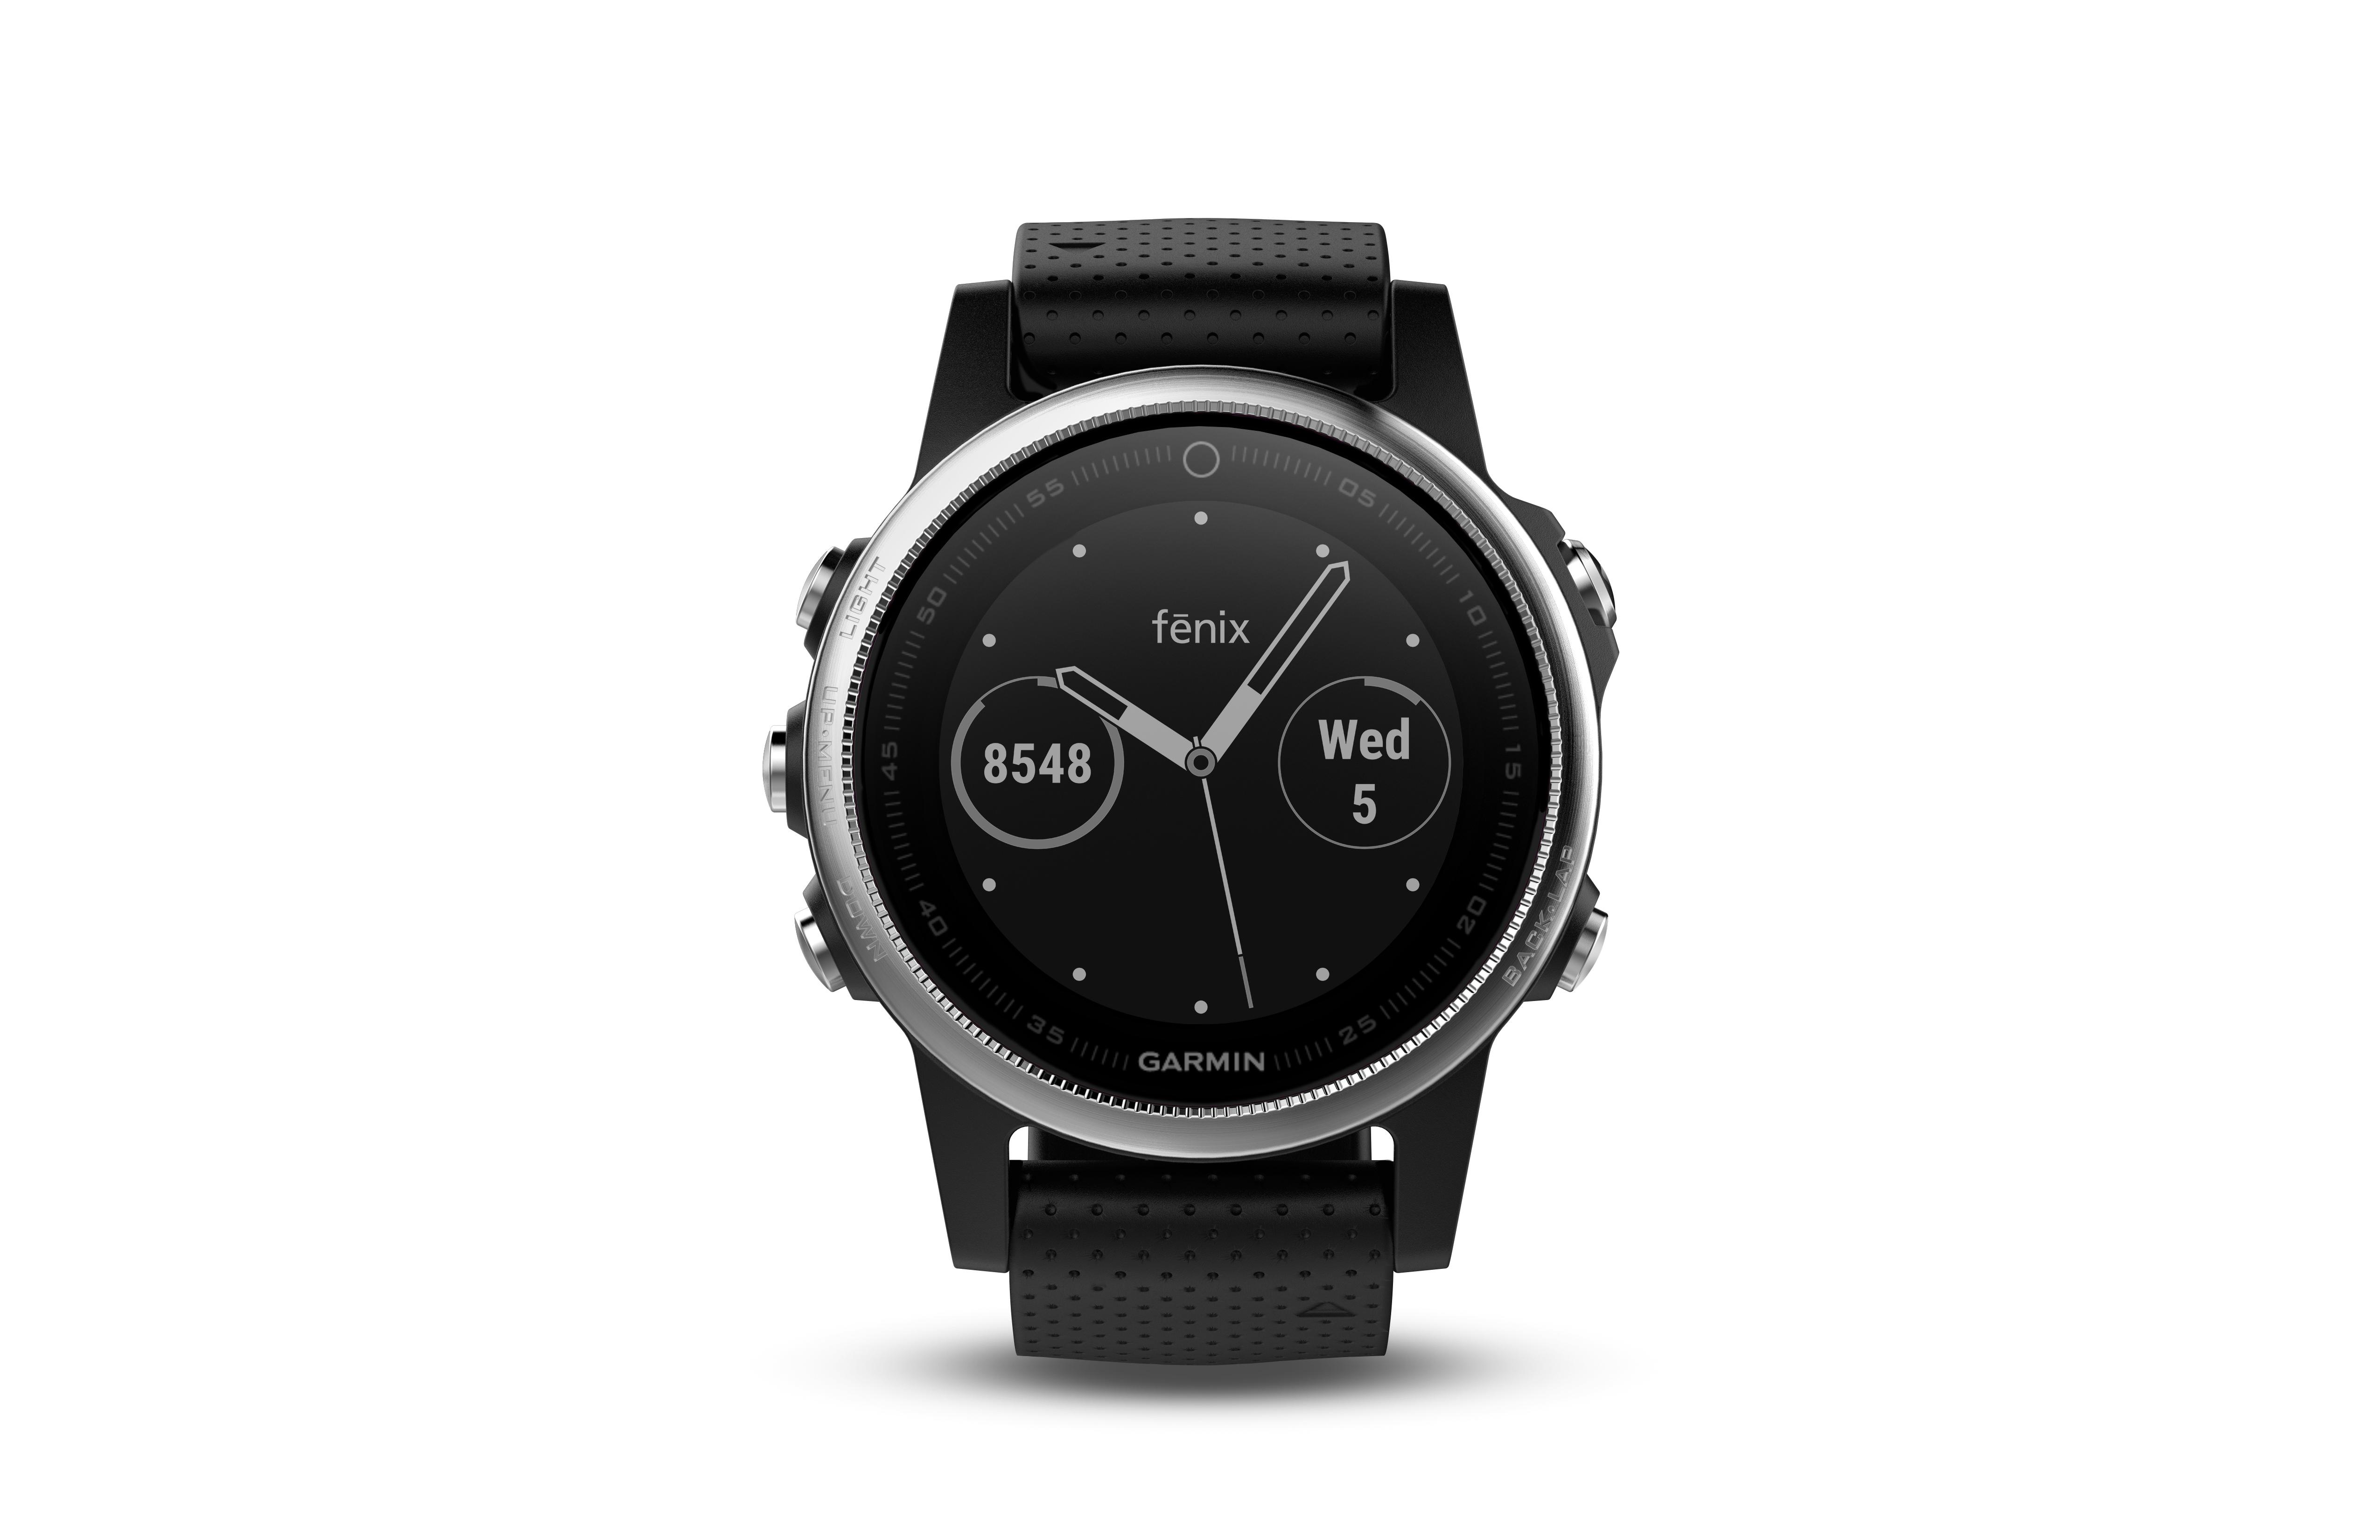 Garmin: získej sportovní hodinky výhodně a využívej všechny jejich funkce